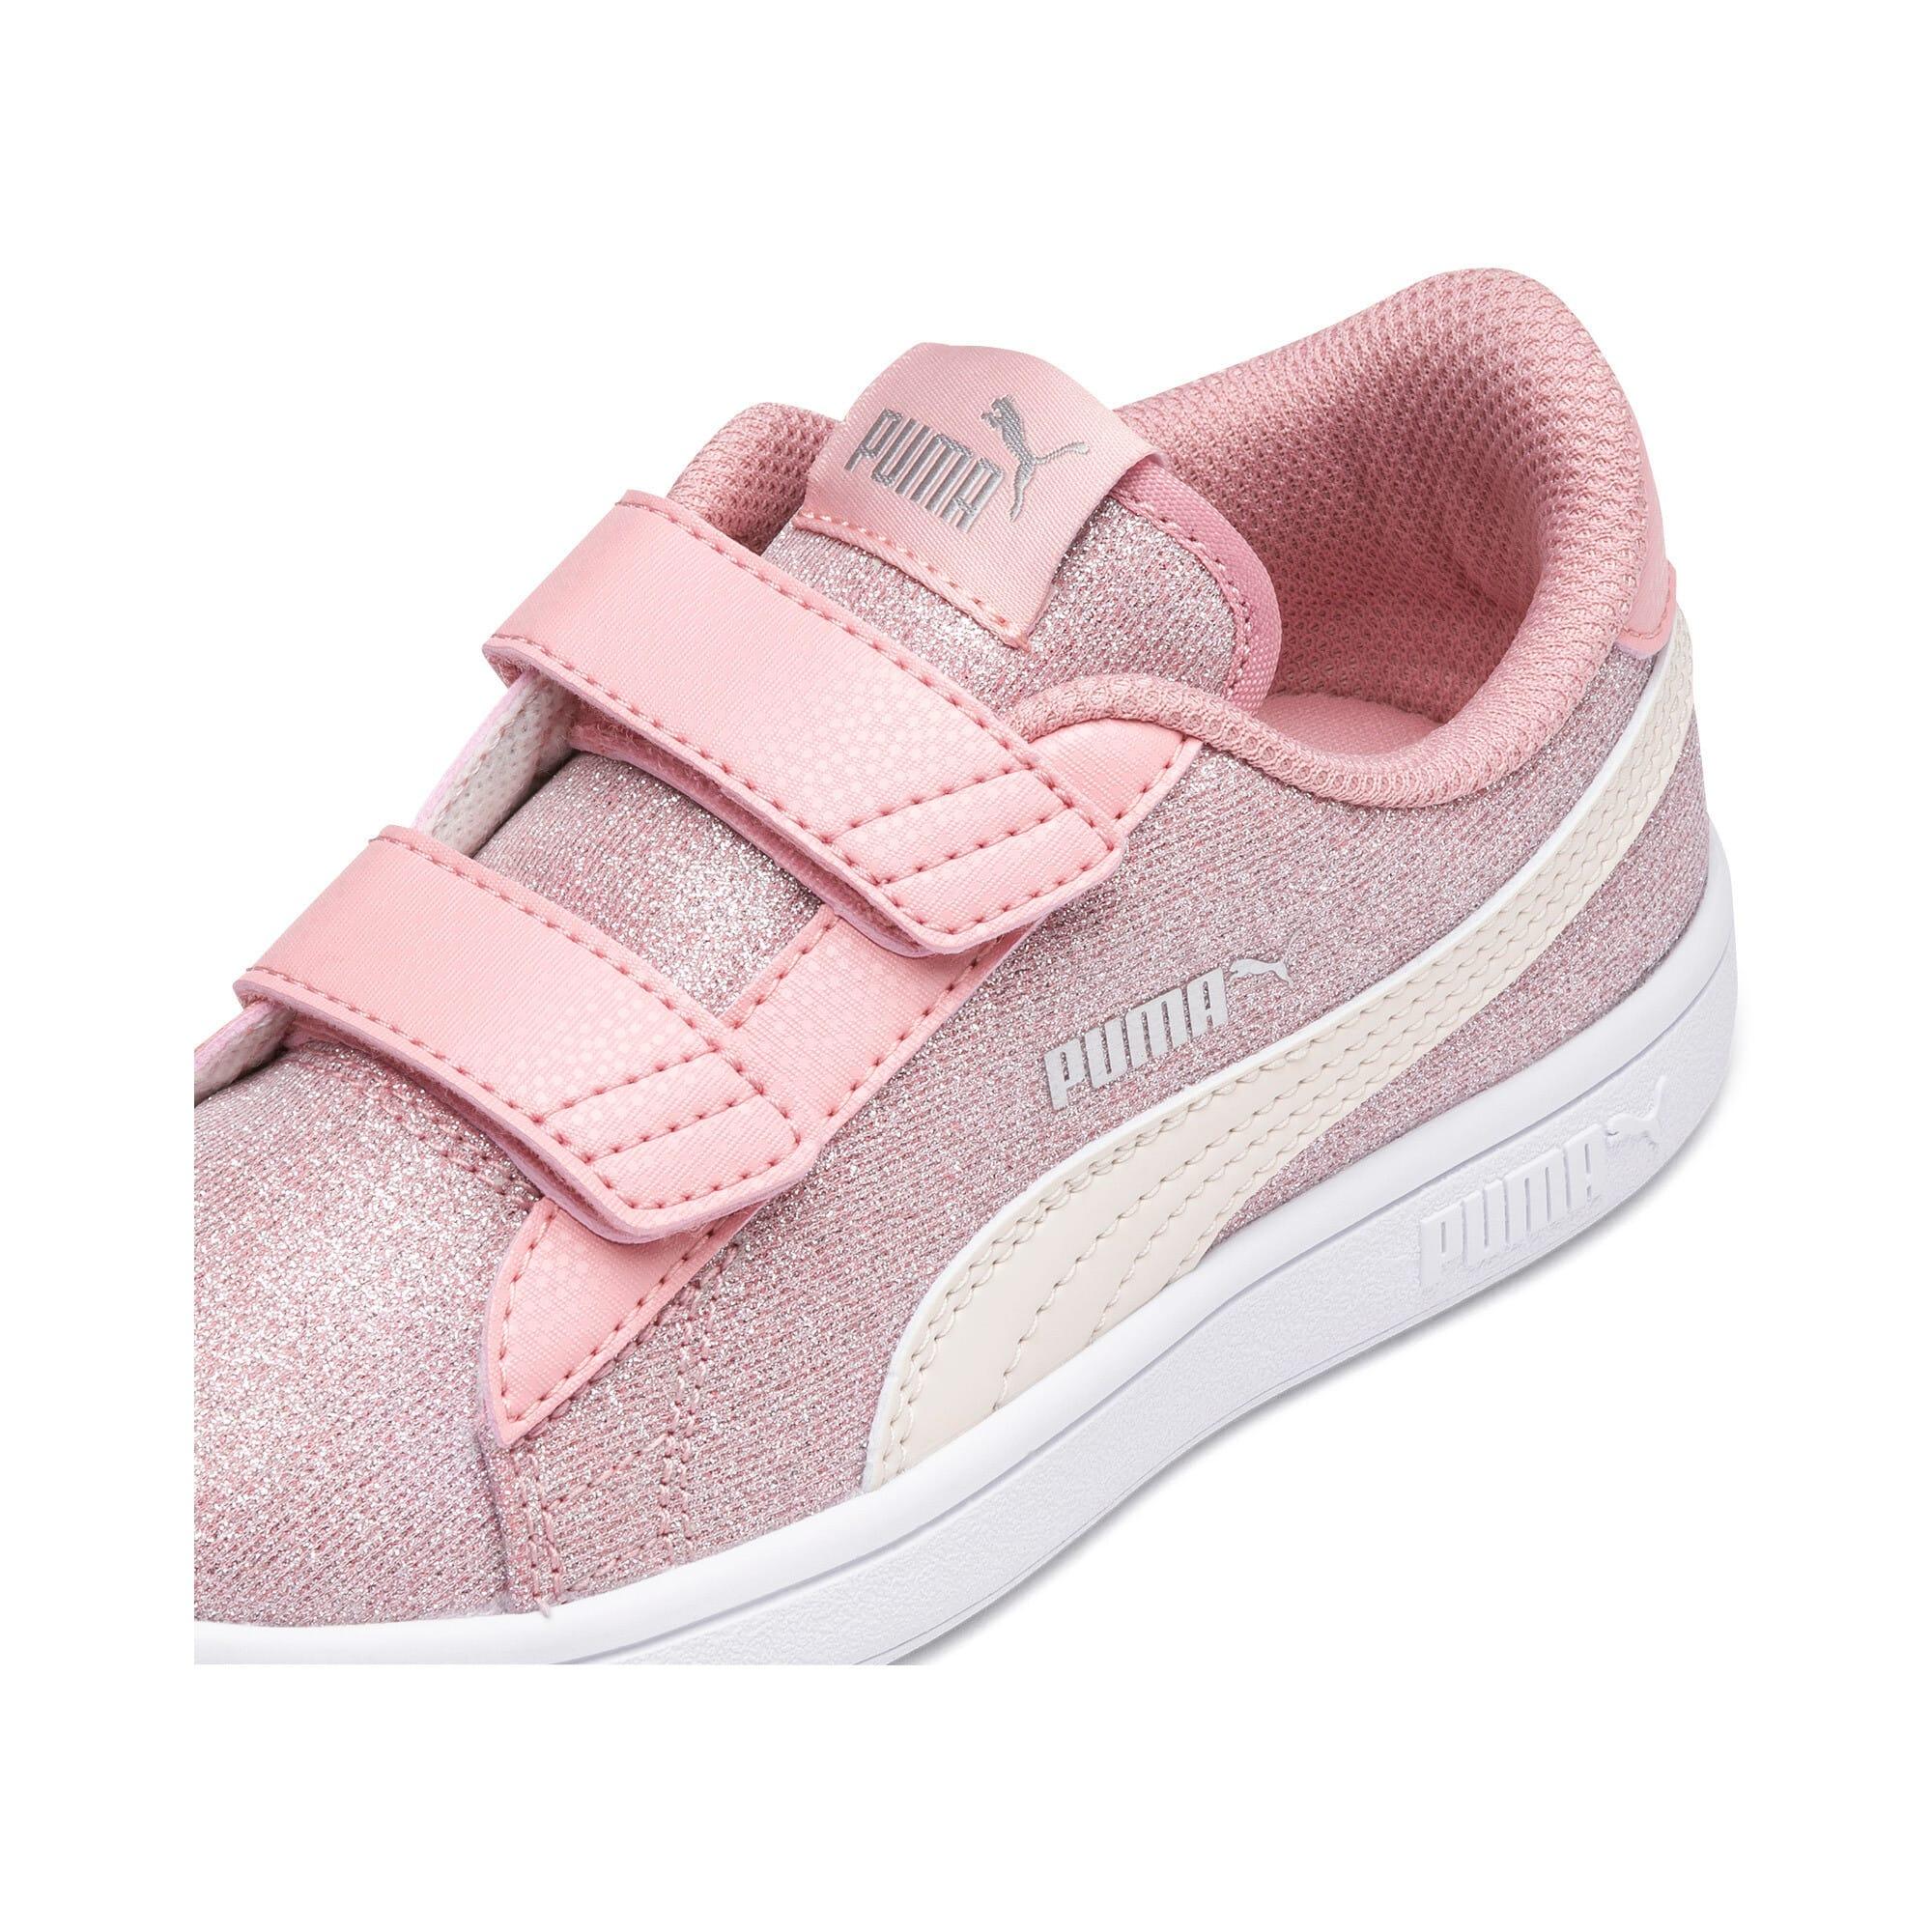 Thumbnail 7 of PUMA Smash v2 Glitz Glam Kids Mädchen Sneaker, B Rose-P Parchment-Silv-Wht, medium